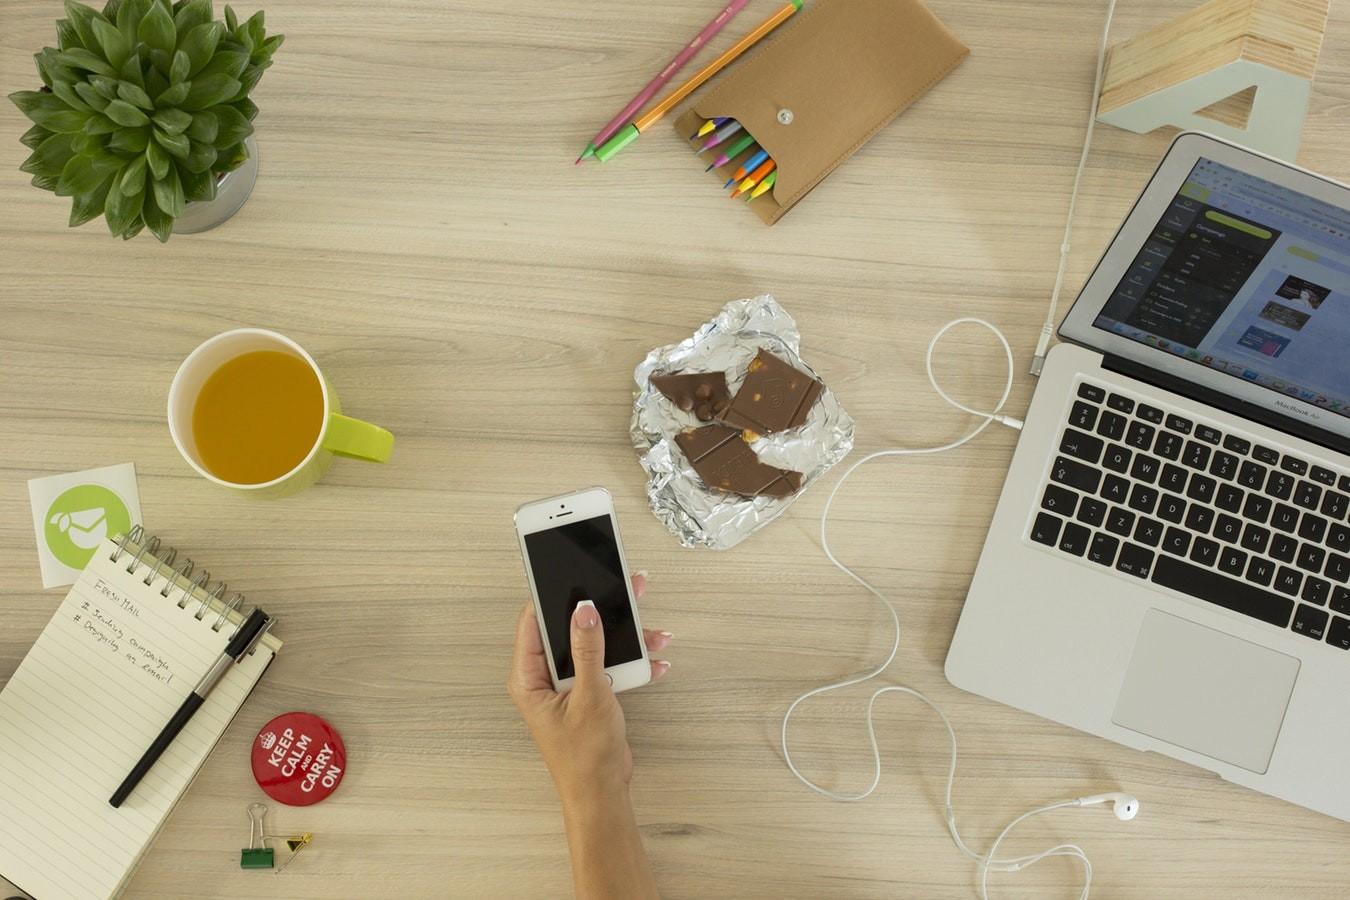 Как эффективно работать дома? 5 лайфхаков для фрилансера